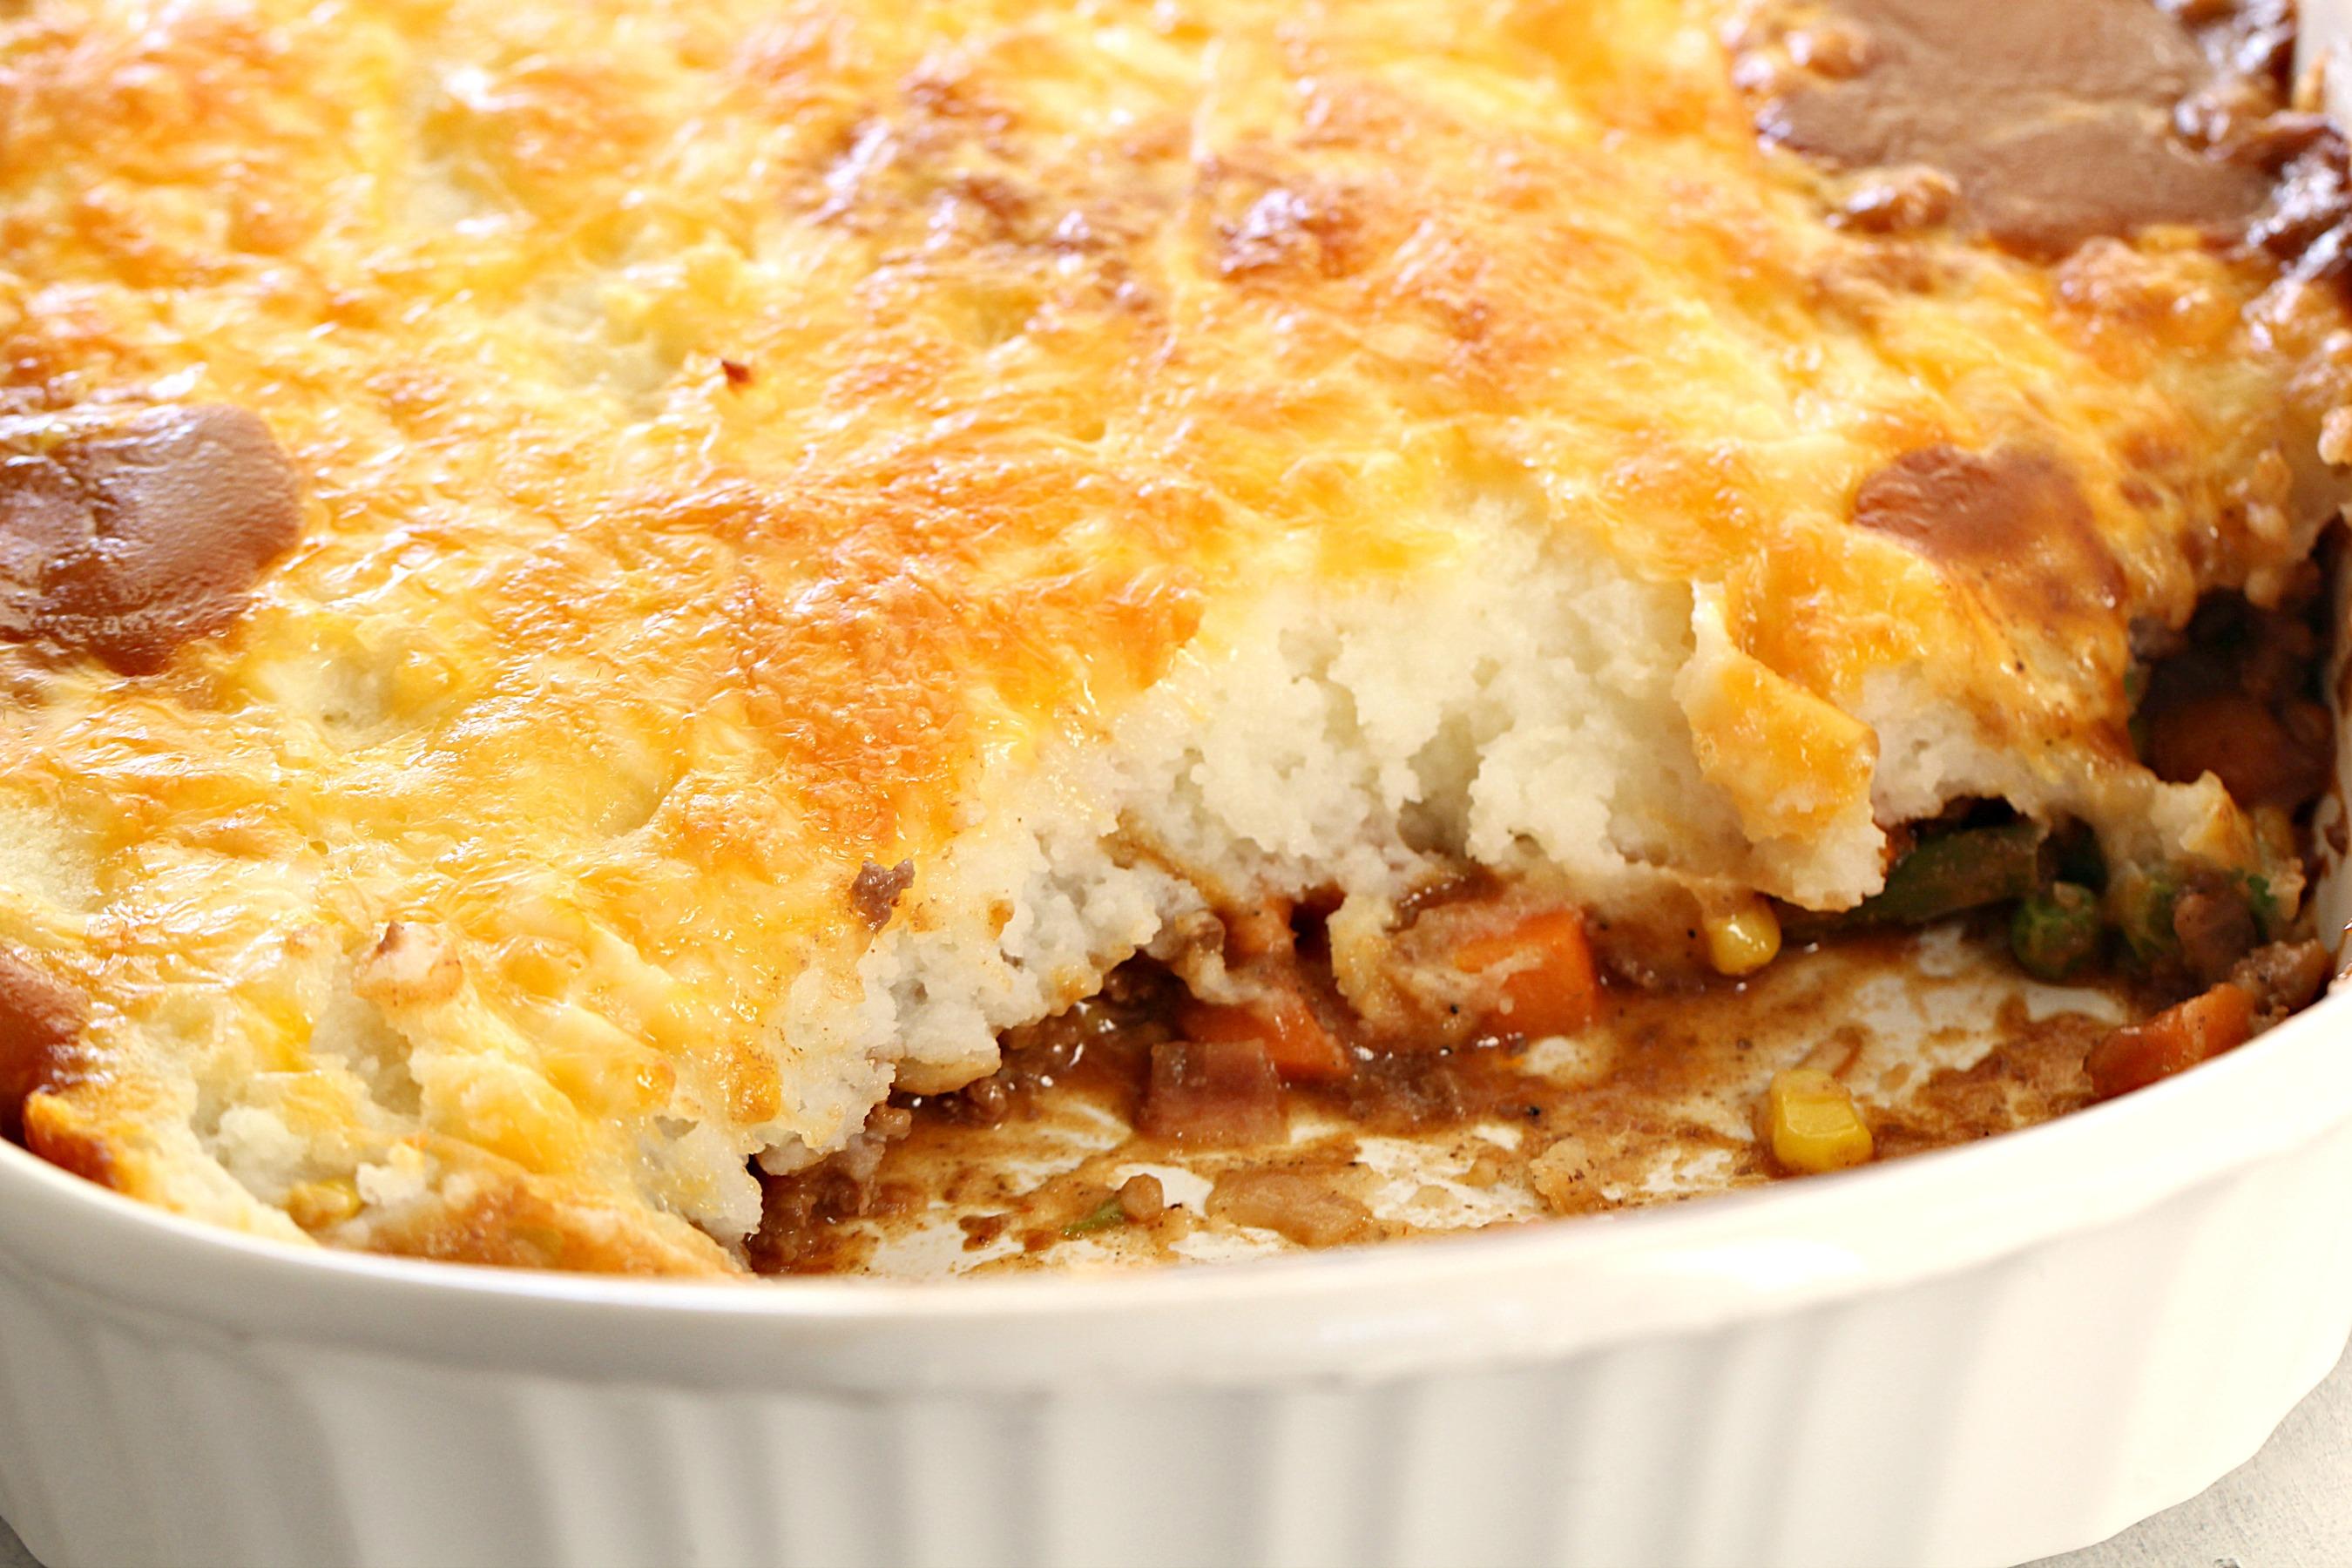 Shepherd's Pie in a white casserole dish